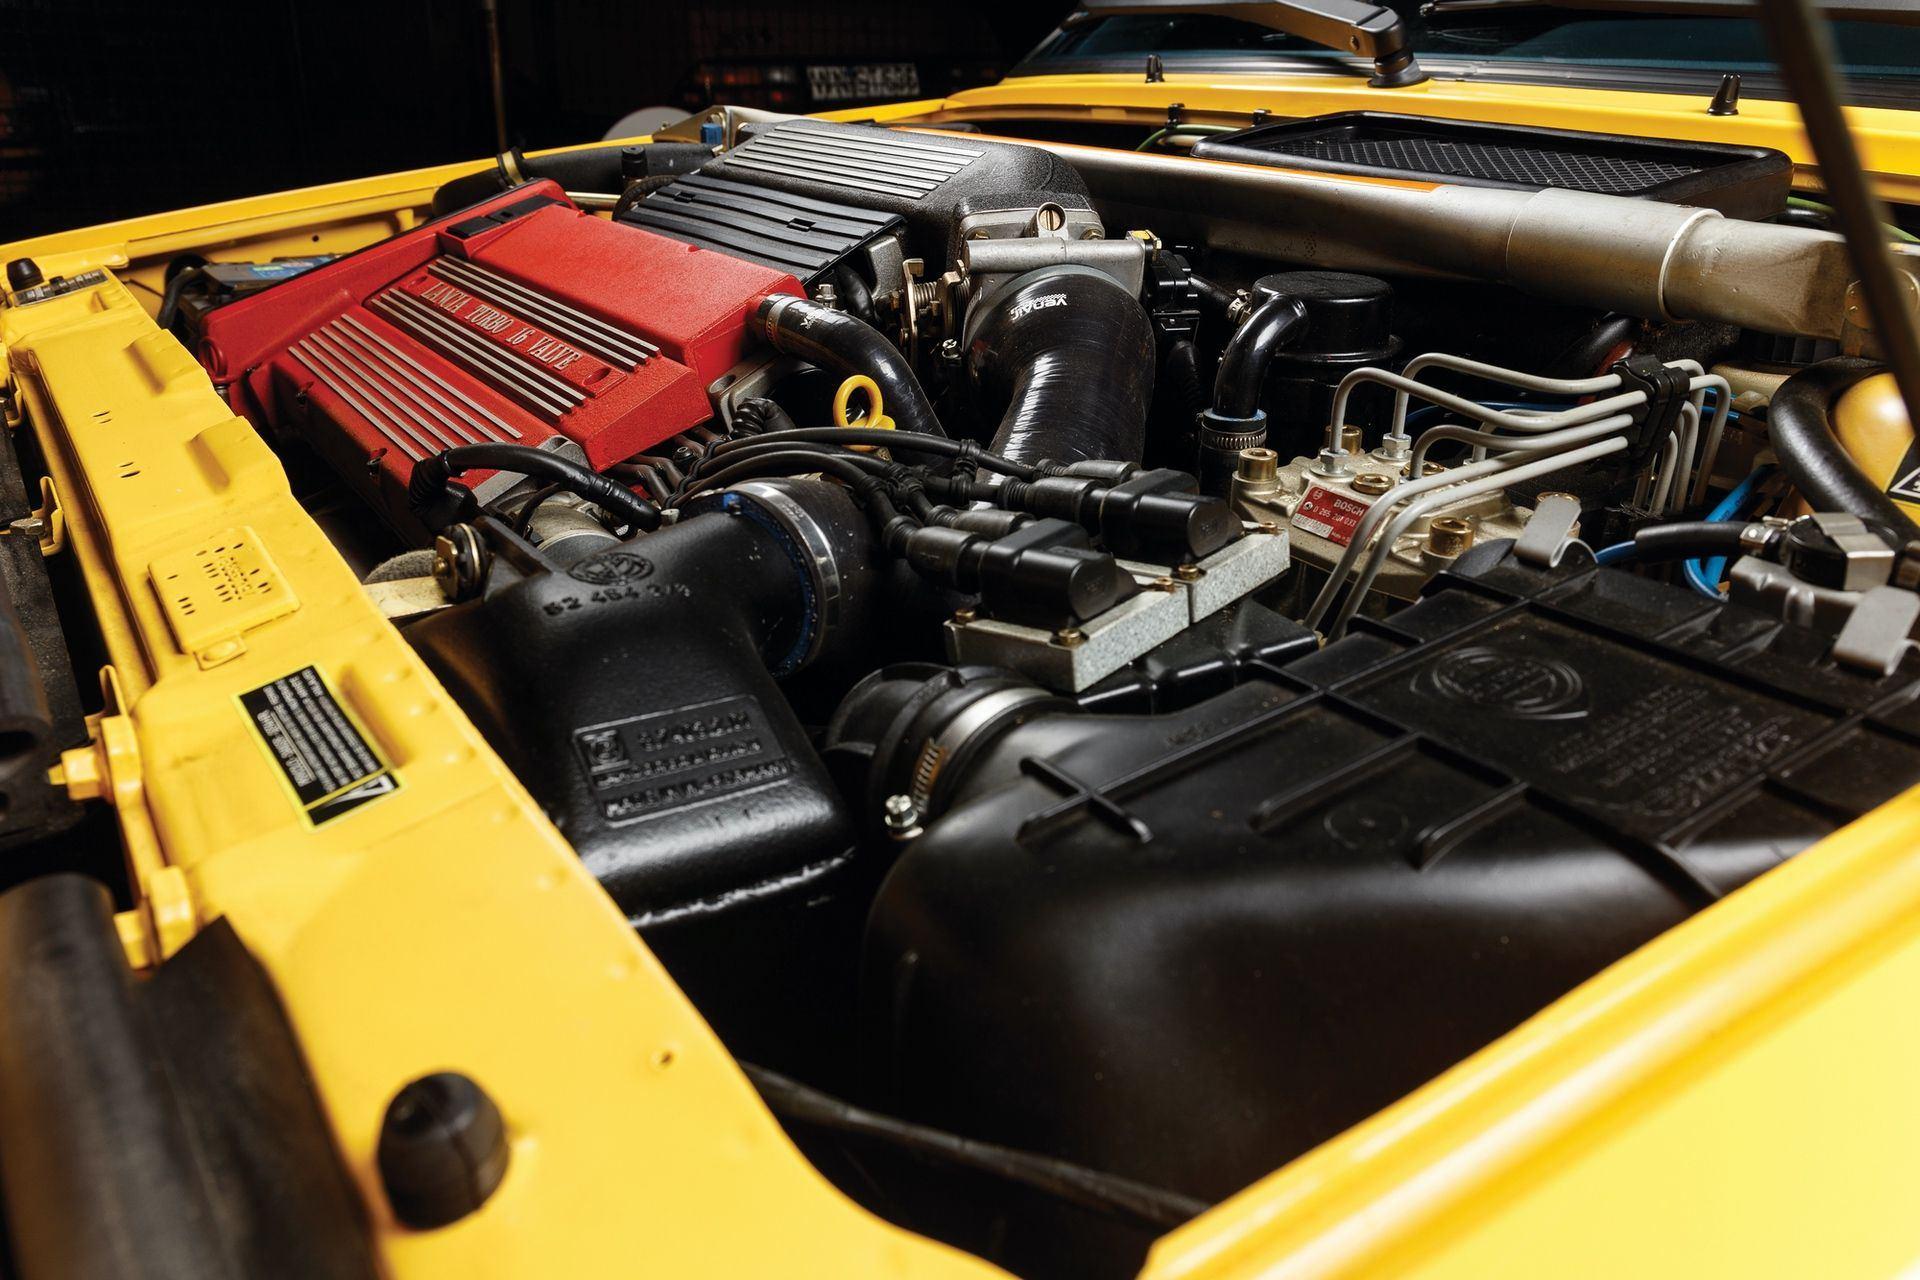 1993-Lancia-Delta-HF-Integrale-Evoluzione-II-_30